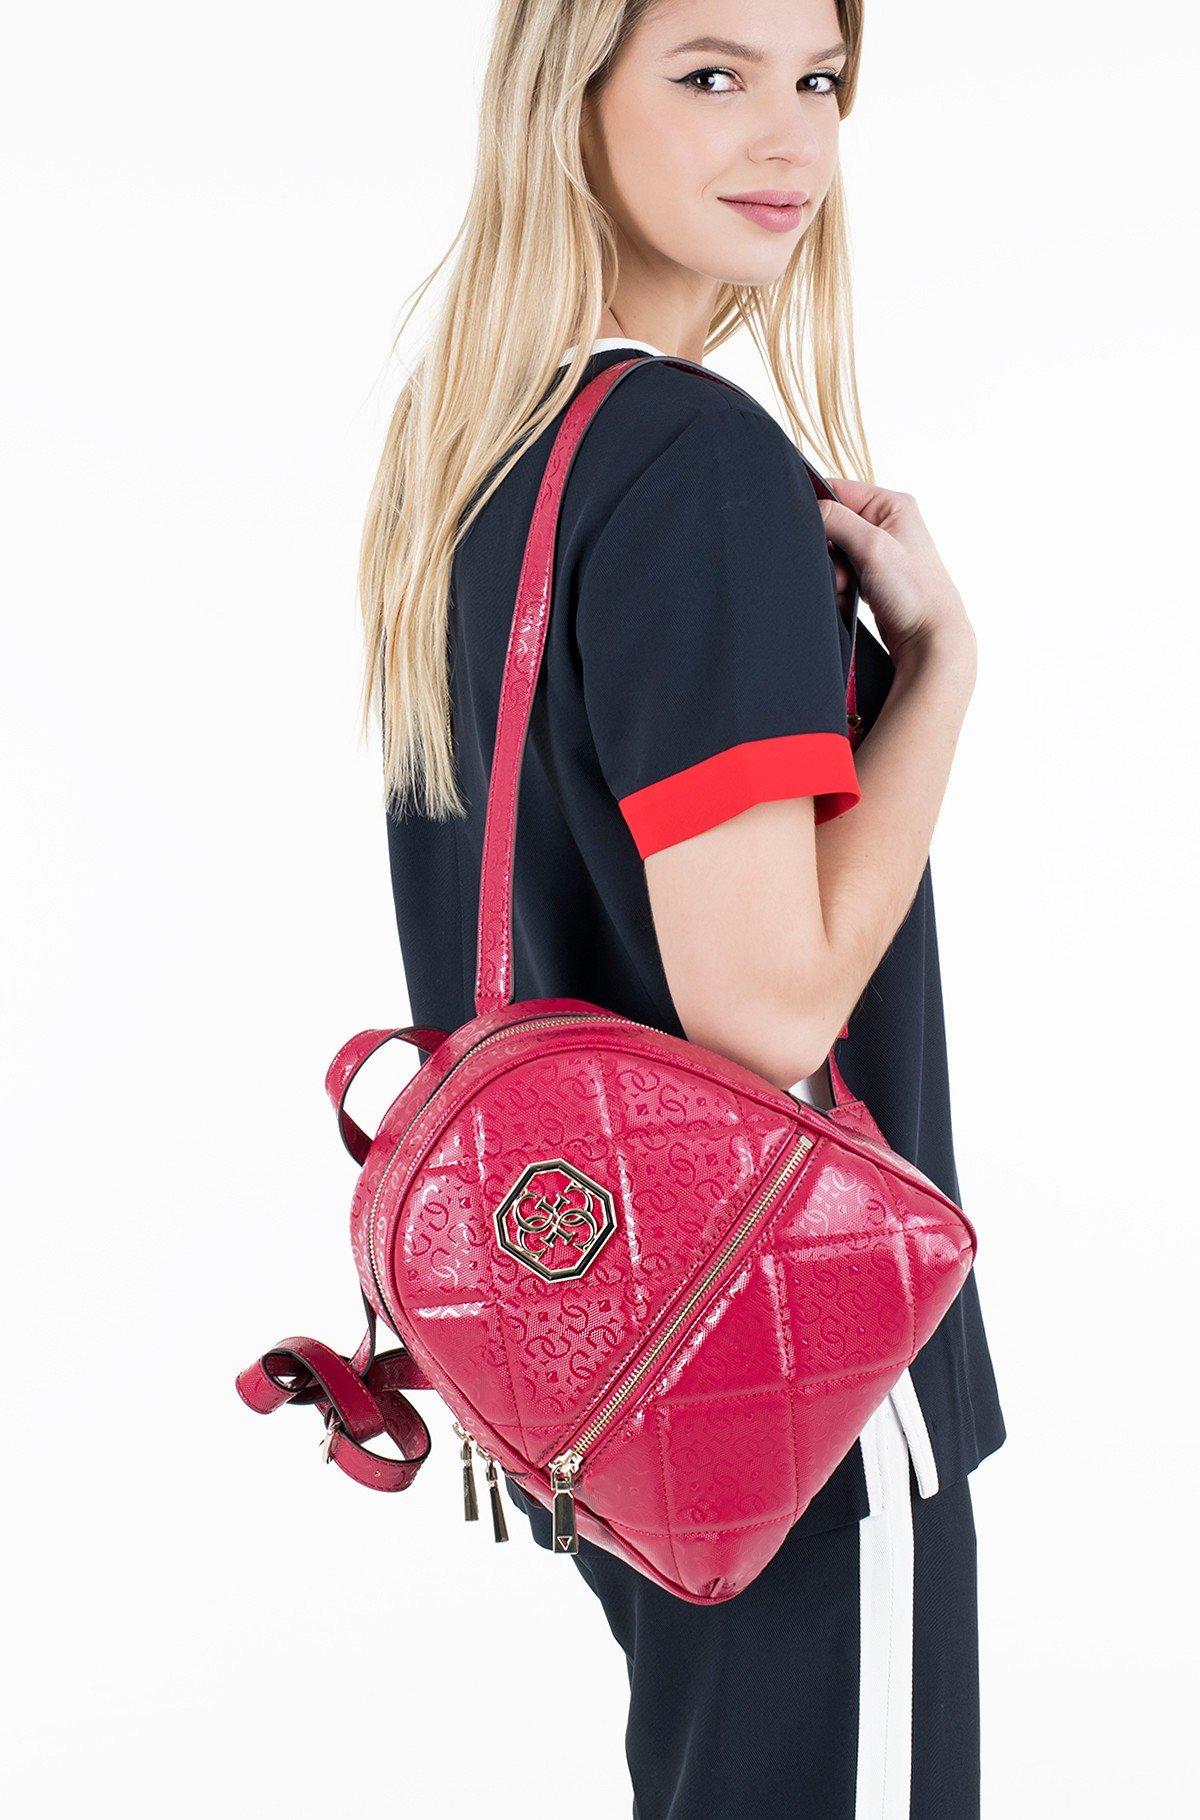 Backbag HWSG79 71320-full-1